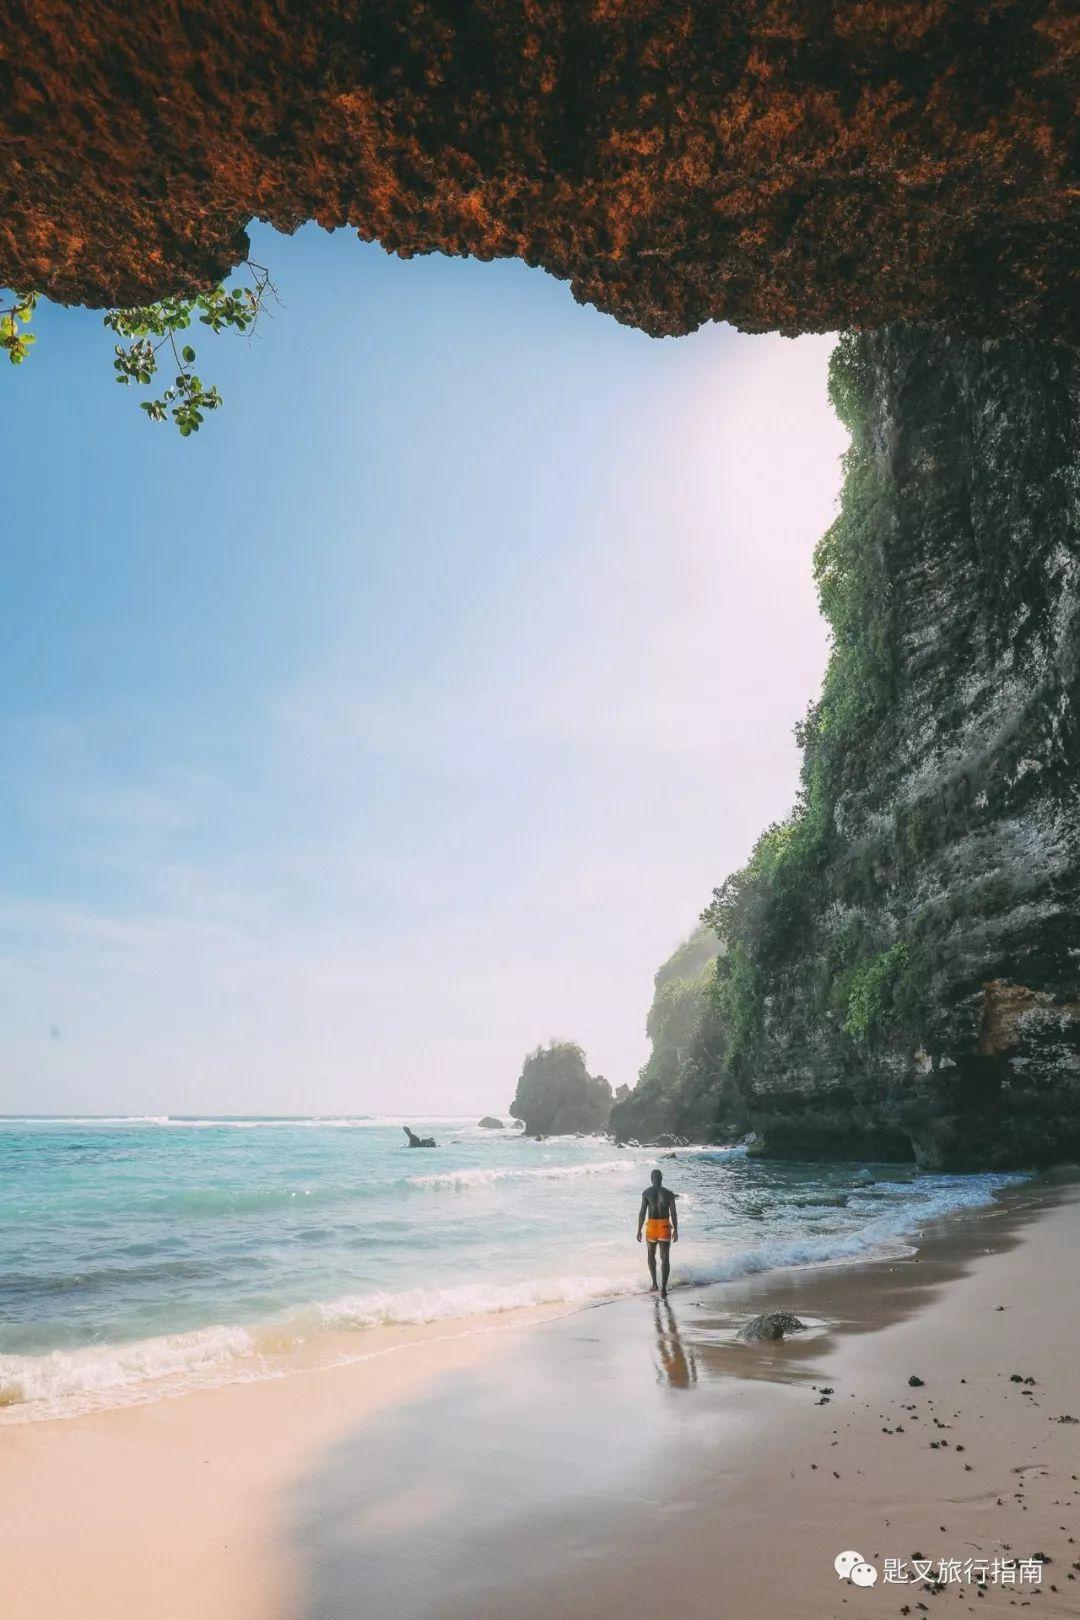 巴厘岛:好看的海岛千篇一律 好吃的海岛万里挑一